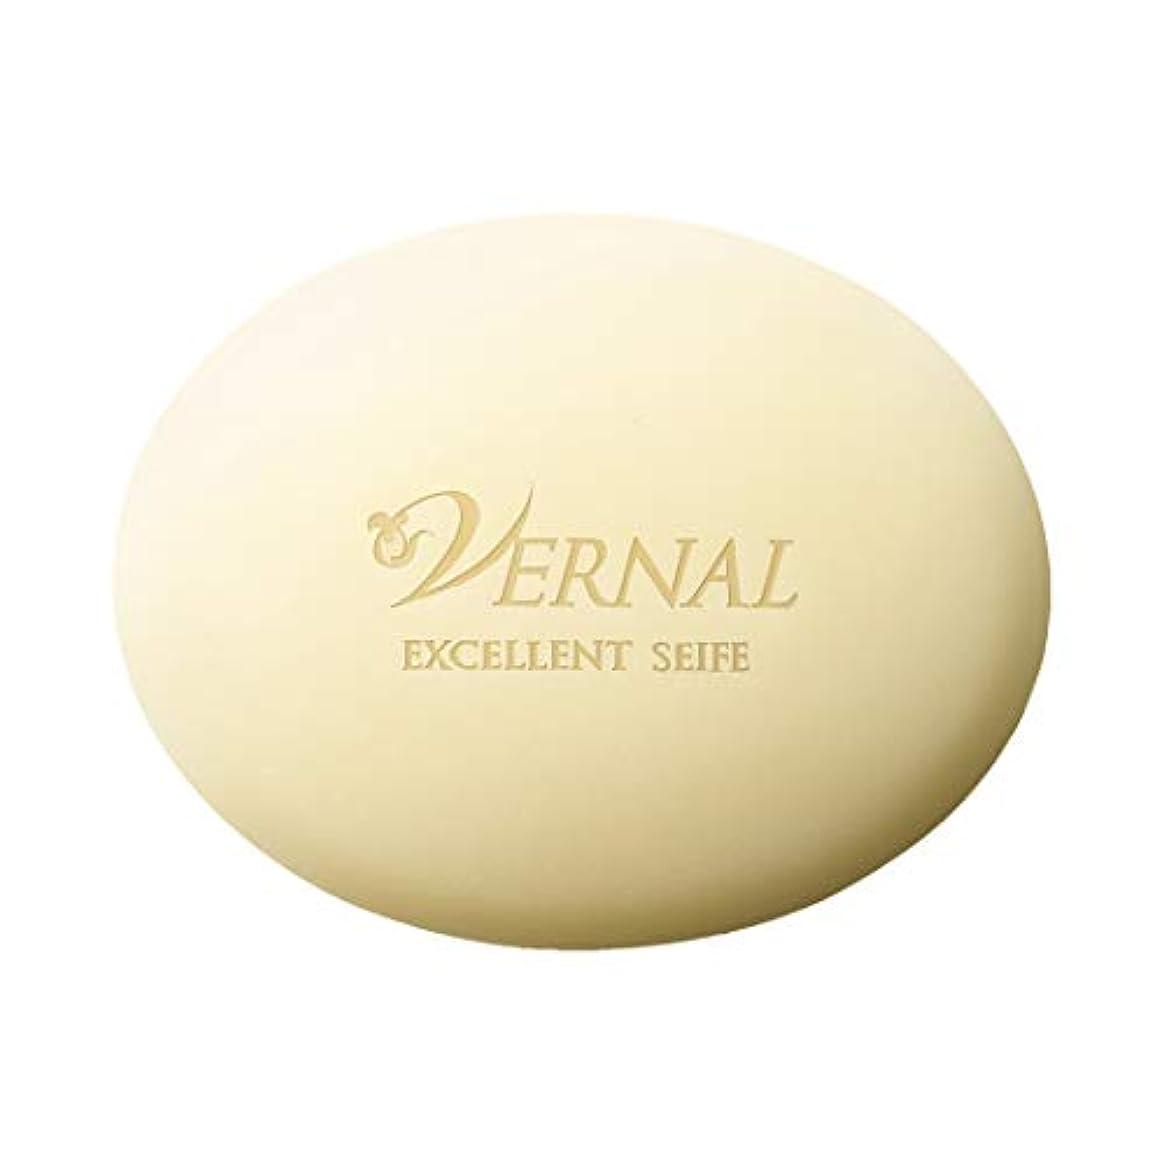 定期的カウンタ推定エクセレントザイフ110g/ヴァーナル 洗顔石鹸 仕上げ洗顔